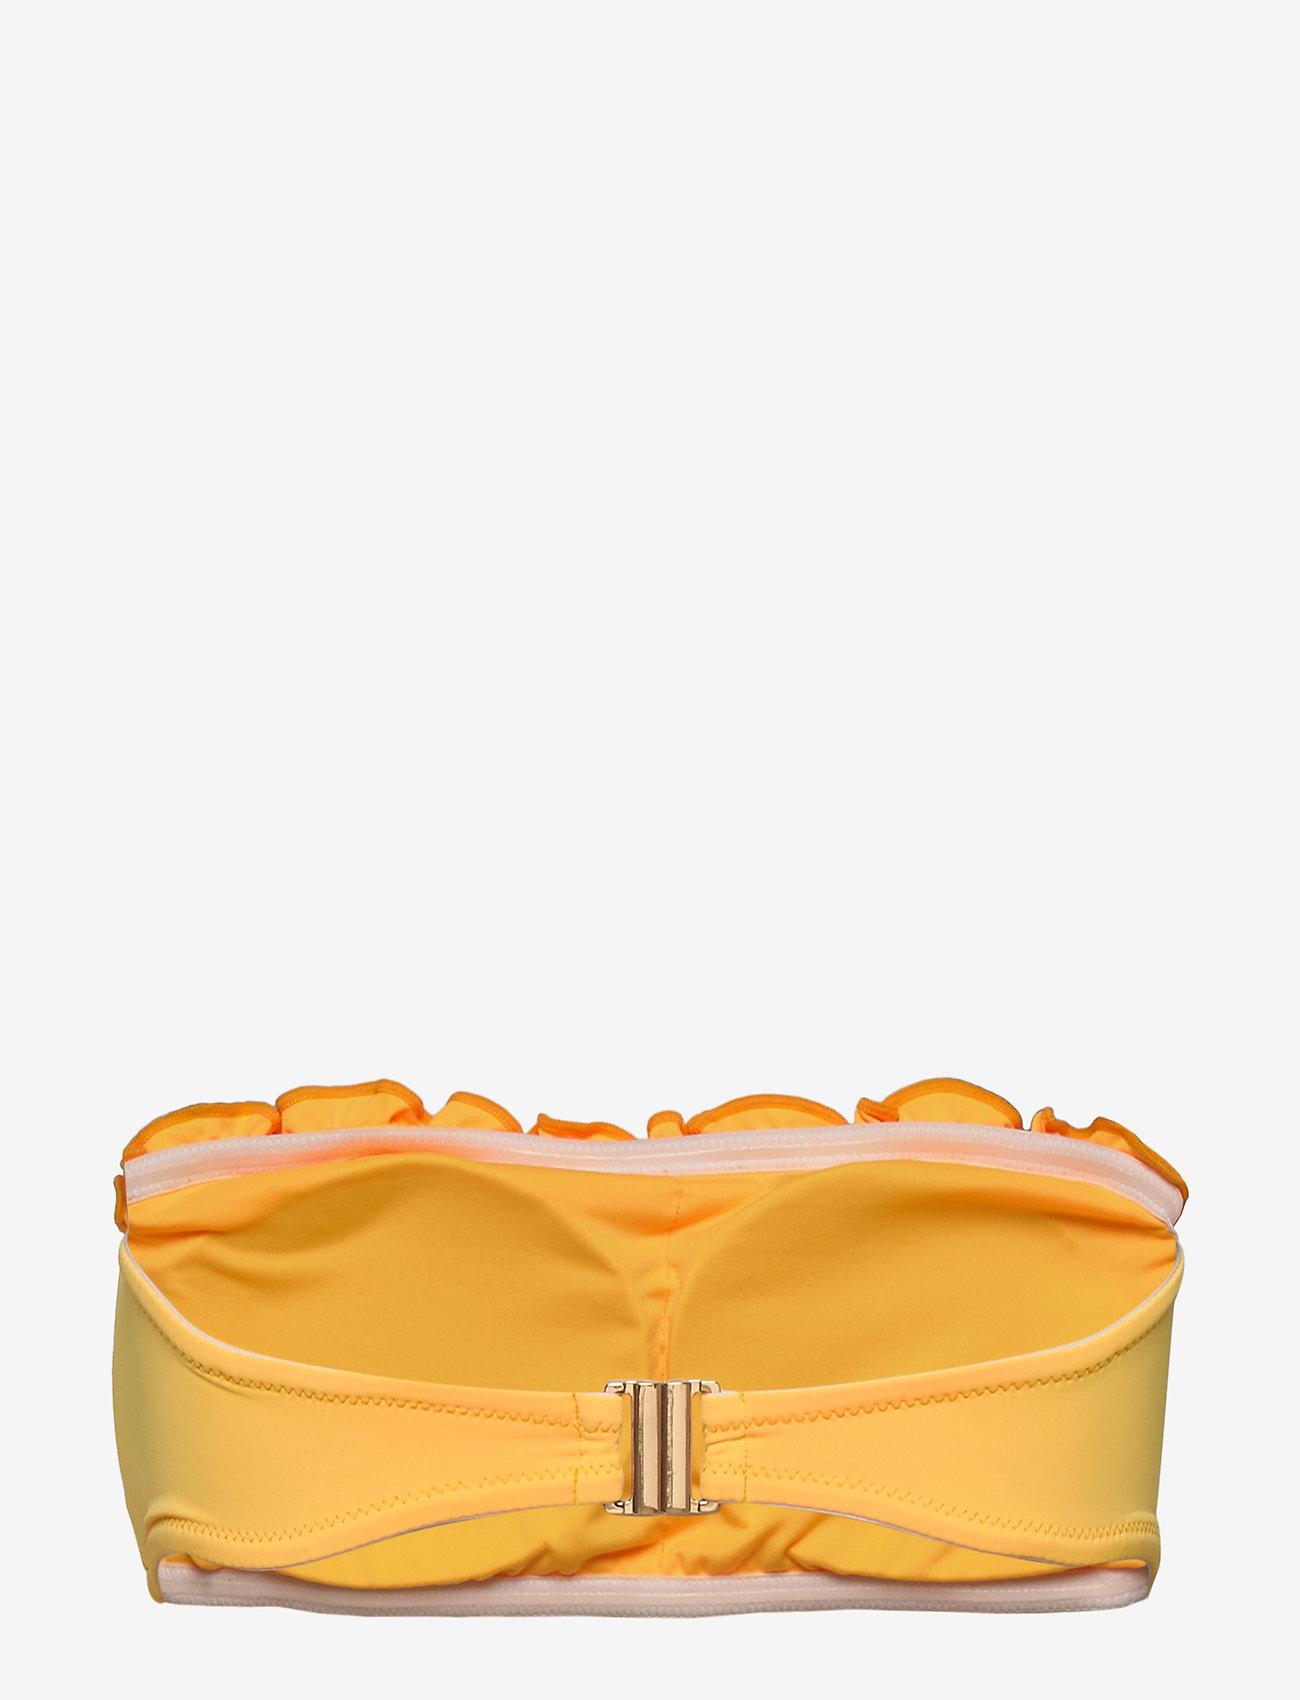 Copacabana Bandeau (Yellow) (29.99 €) - Missya A825f48i